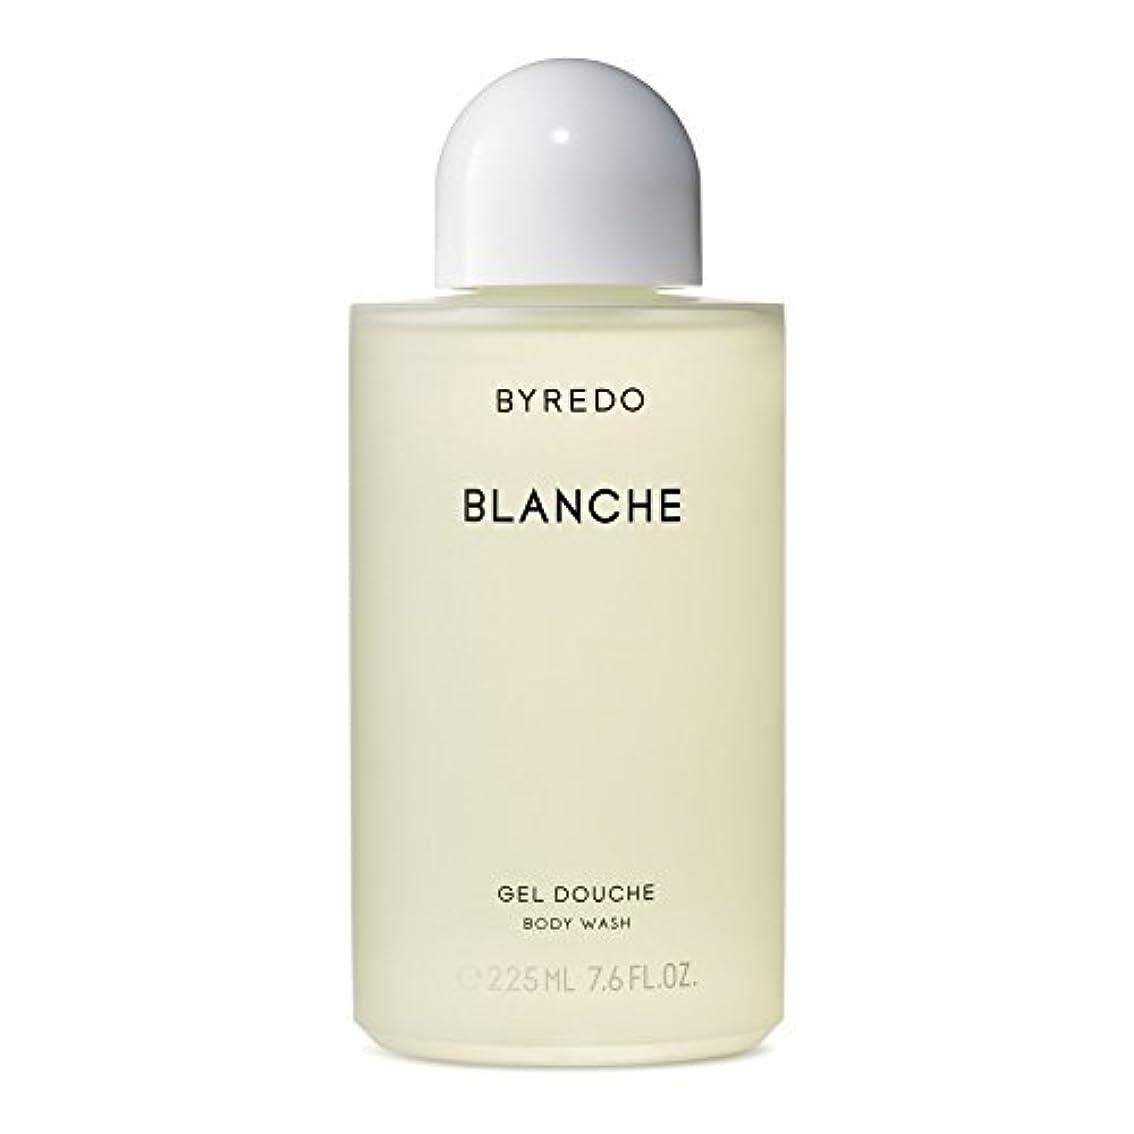 リア王放棄するコンチネンタルByredo Blanche Body Wash 225ml - ブランシュボディウォッシュ225ミリリットル [並行輸入品]